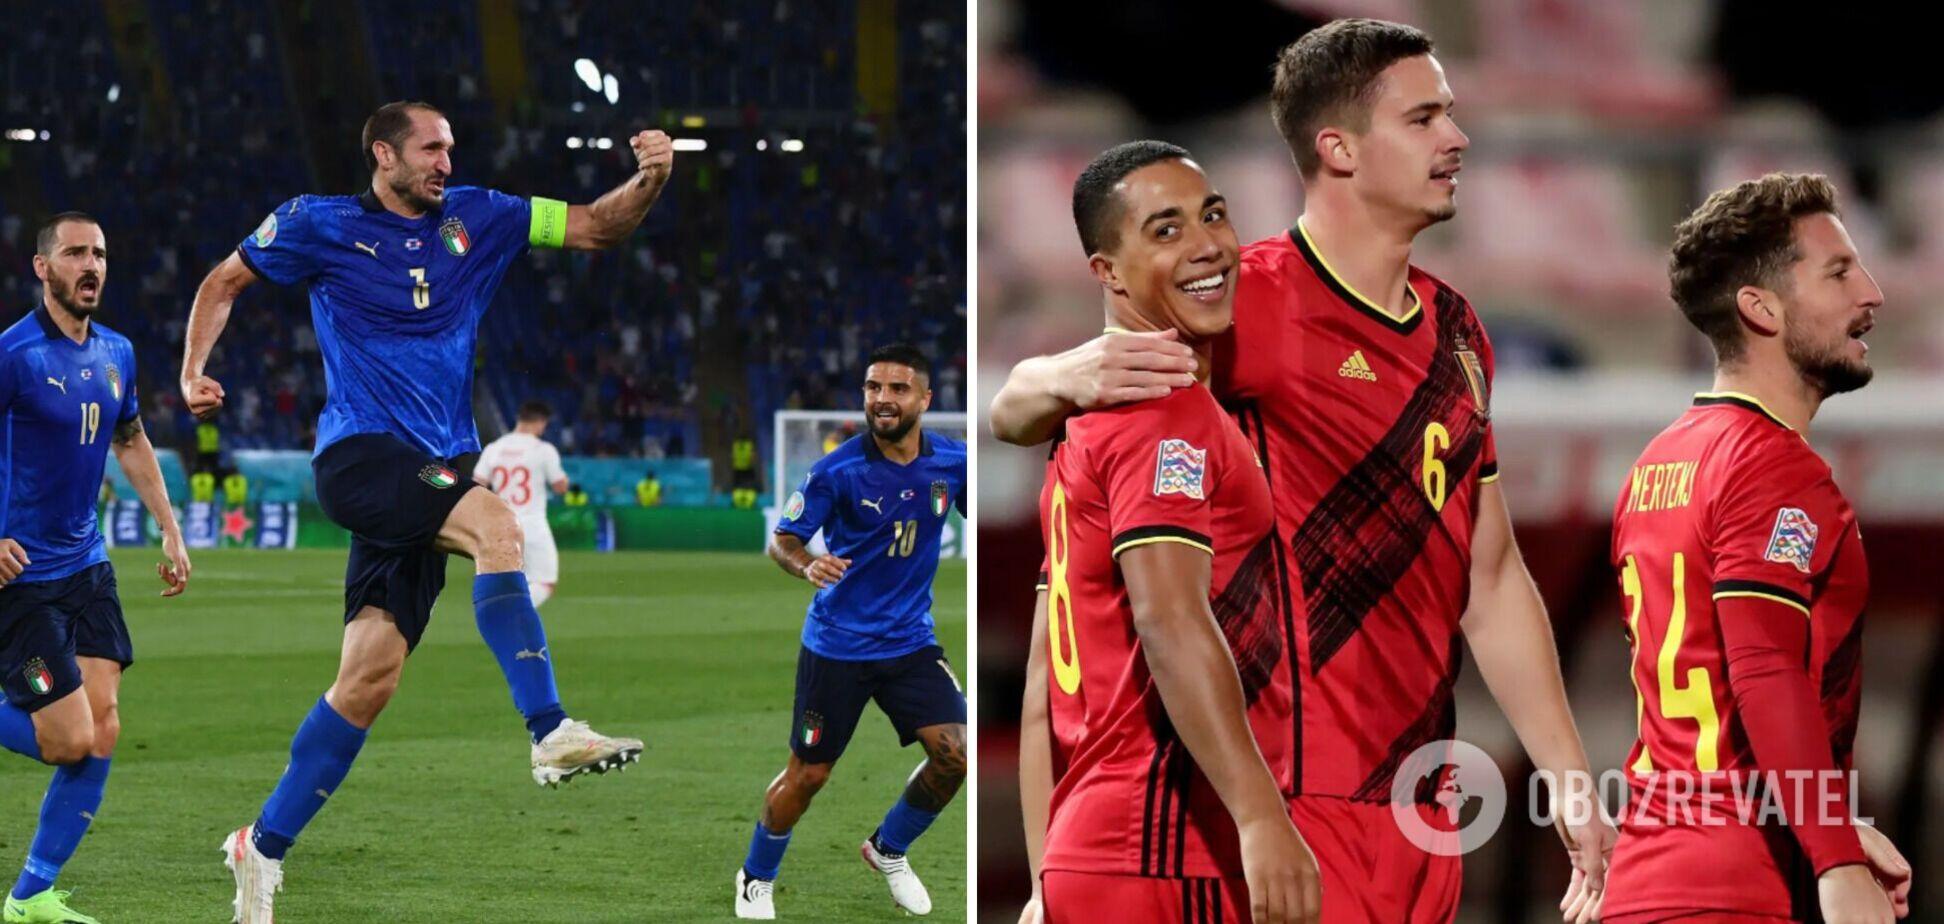 Італія та Бельгія зіграють в 1/4 фіналу Євро-2020